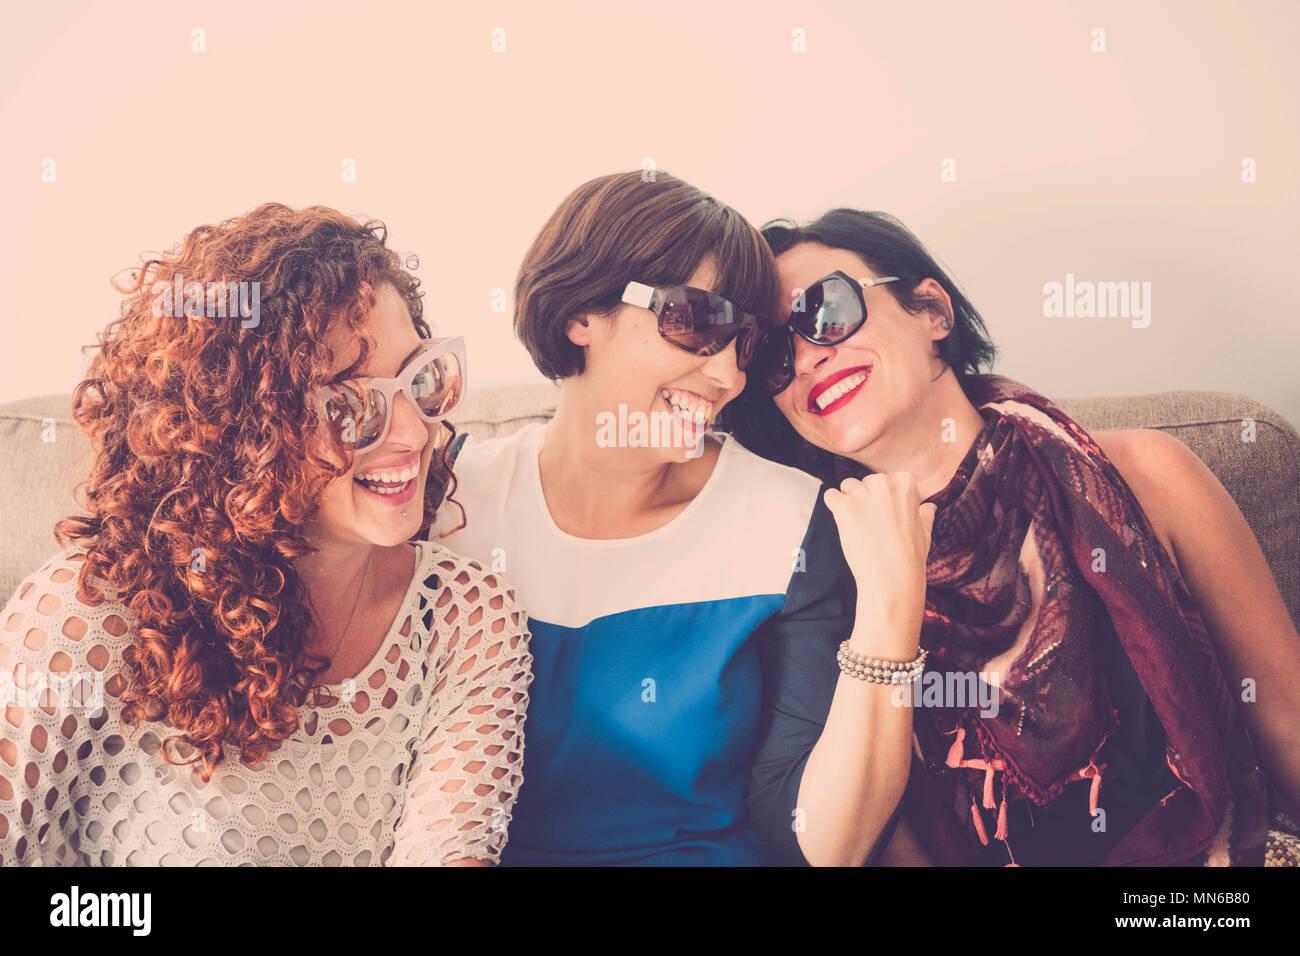 Drei Frauen kaukasischen Völker griup Spaß zu Hause mit Verrücktheit und Glück zusammen. Freundschaft Konzept zwischen Mädchen jung und schön. Hell v Stockfoto